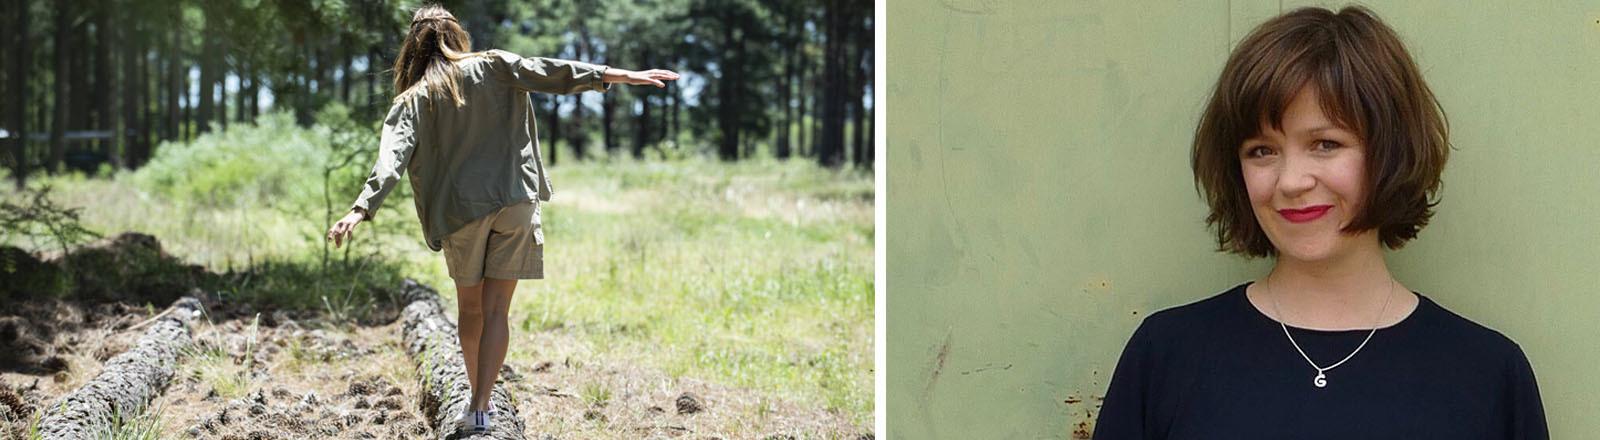 Junge Frau balanciert auf Baumstamm / Autorin Gunda Windmüller